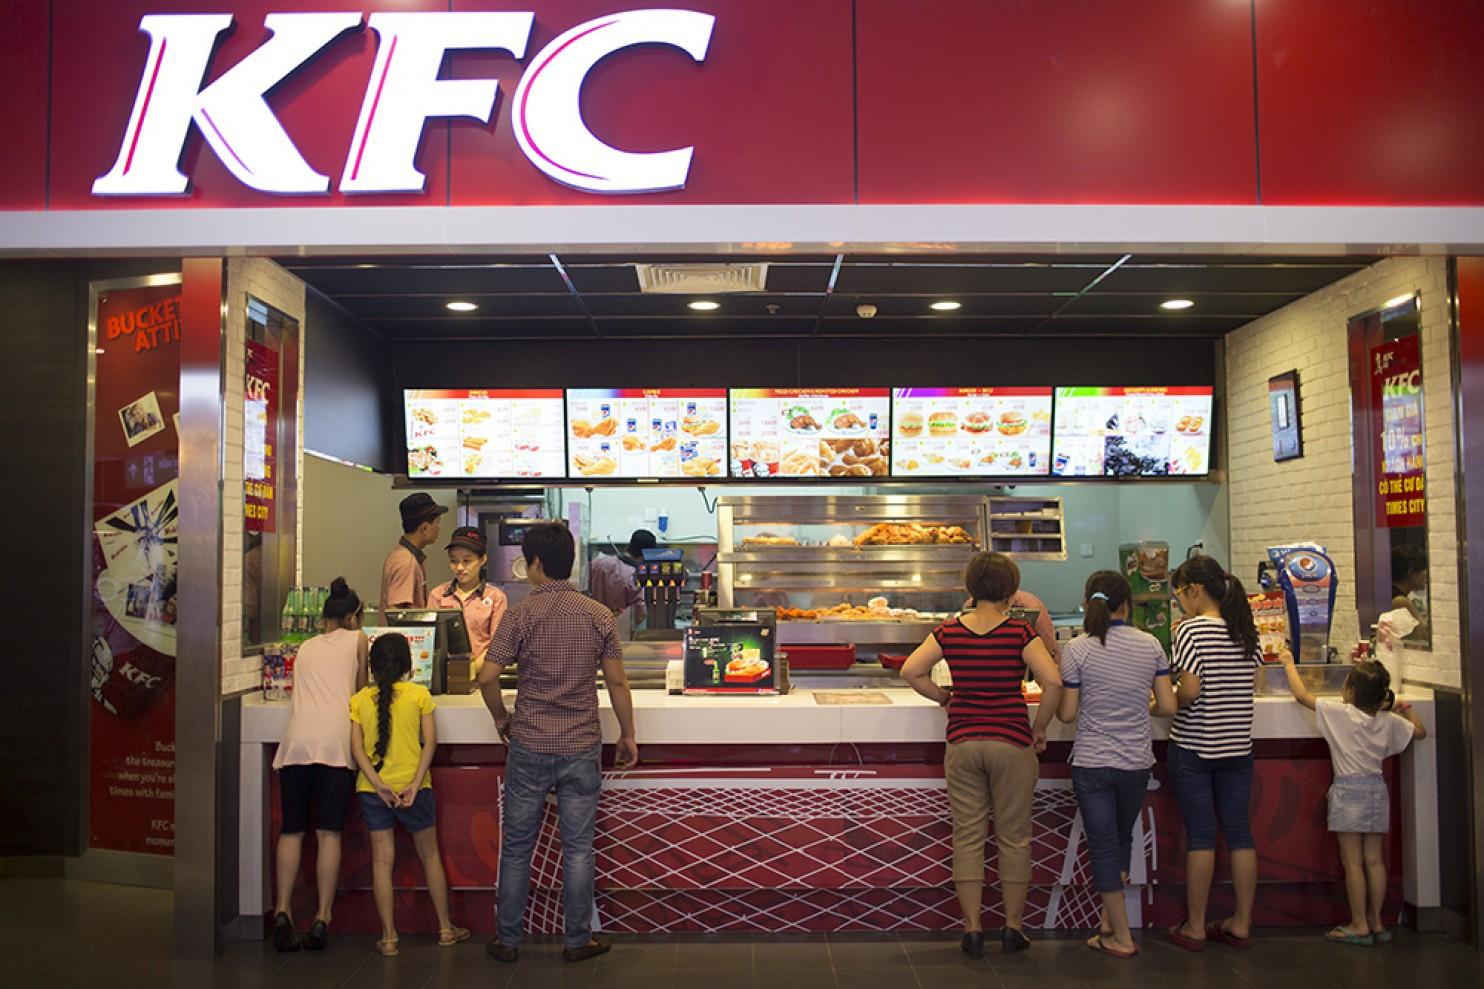 Góc nhìn thú vị lý giải thất bại của Mc Donalds và Burger King tại Việt Nam của tạp chí Mỹ: Sao phải ăn burger khi Việt Nam đã có Phở?-4